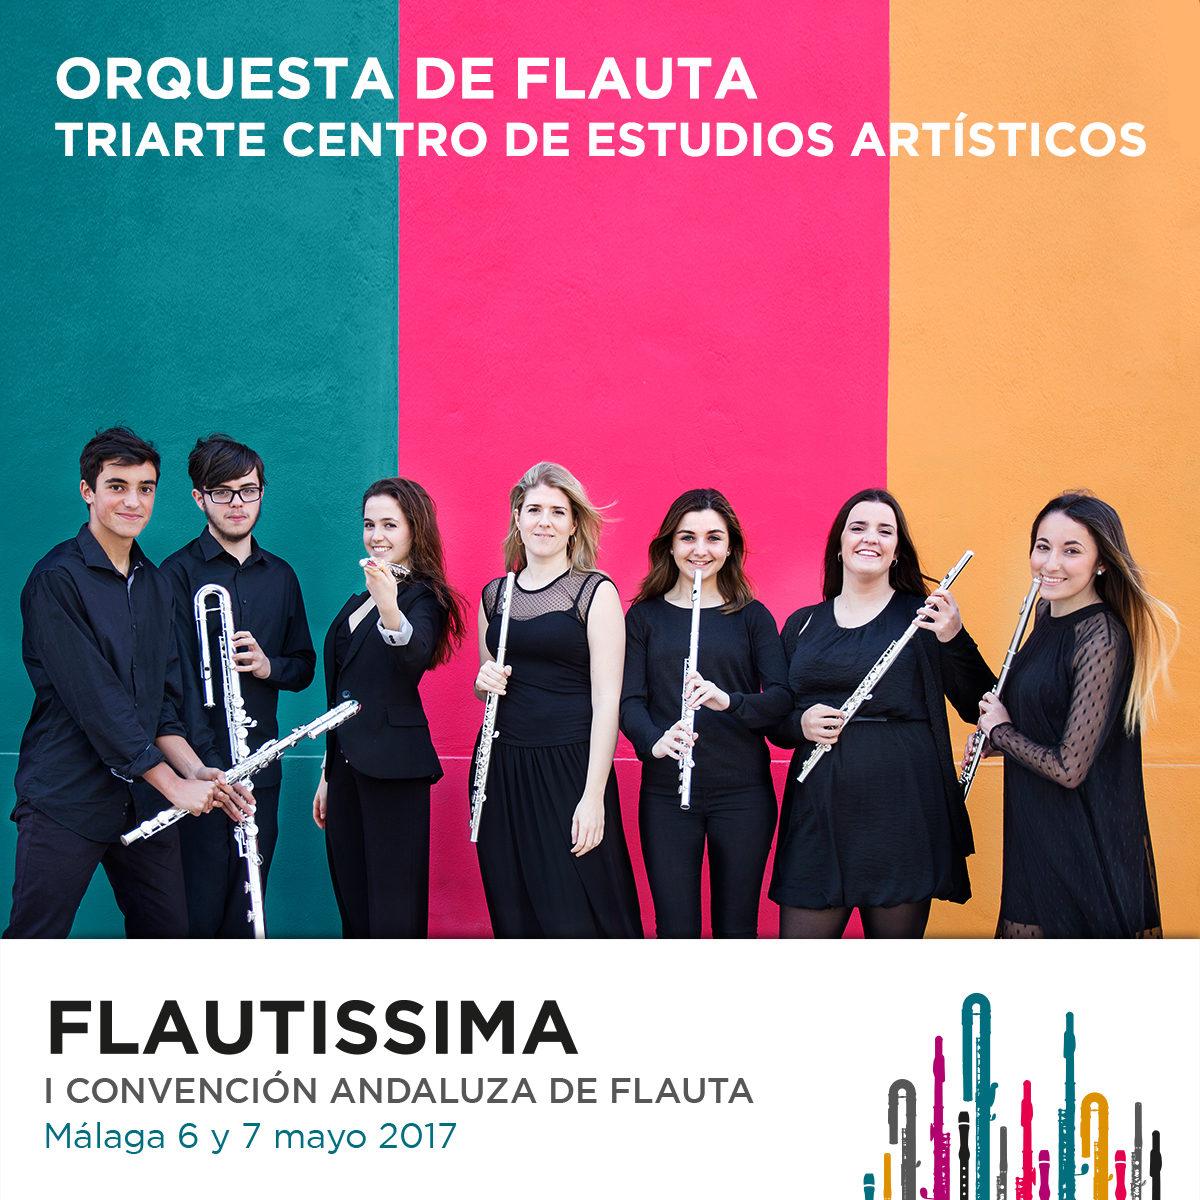 Orquesta Flauta Triarte Flautissima